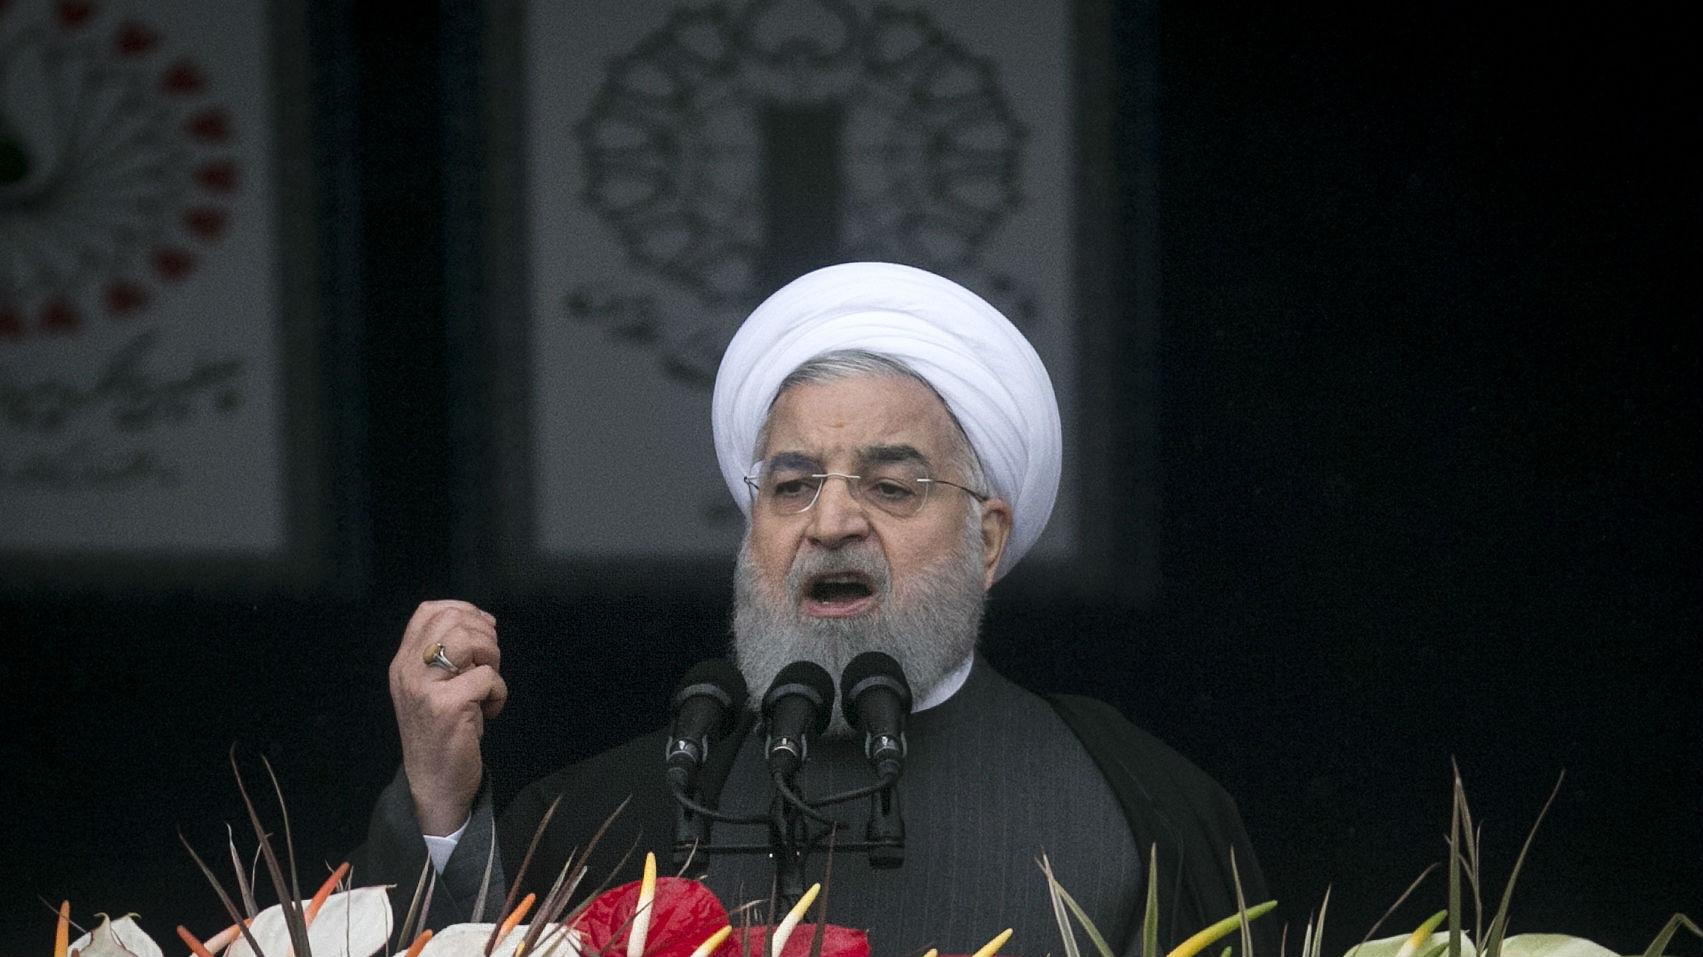 英法德敦促伊朗遵守核协议 伊重申美取消制裁是对话前提